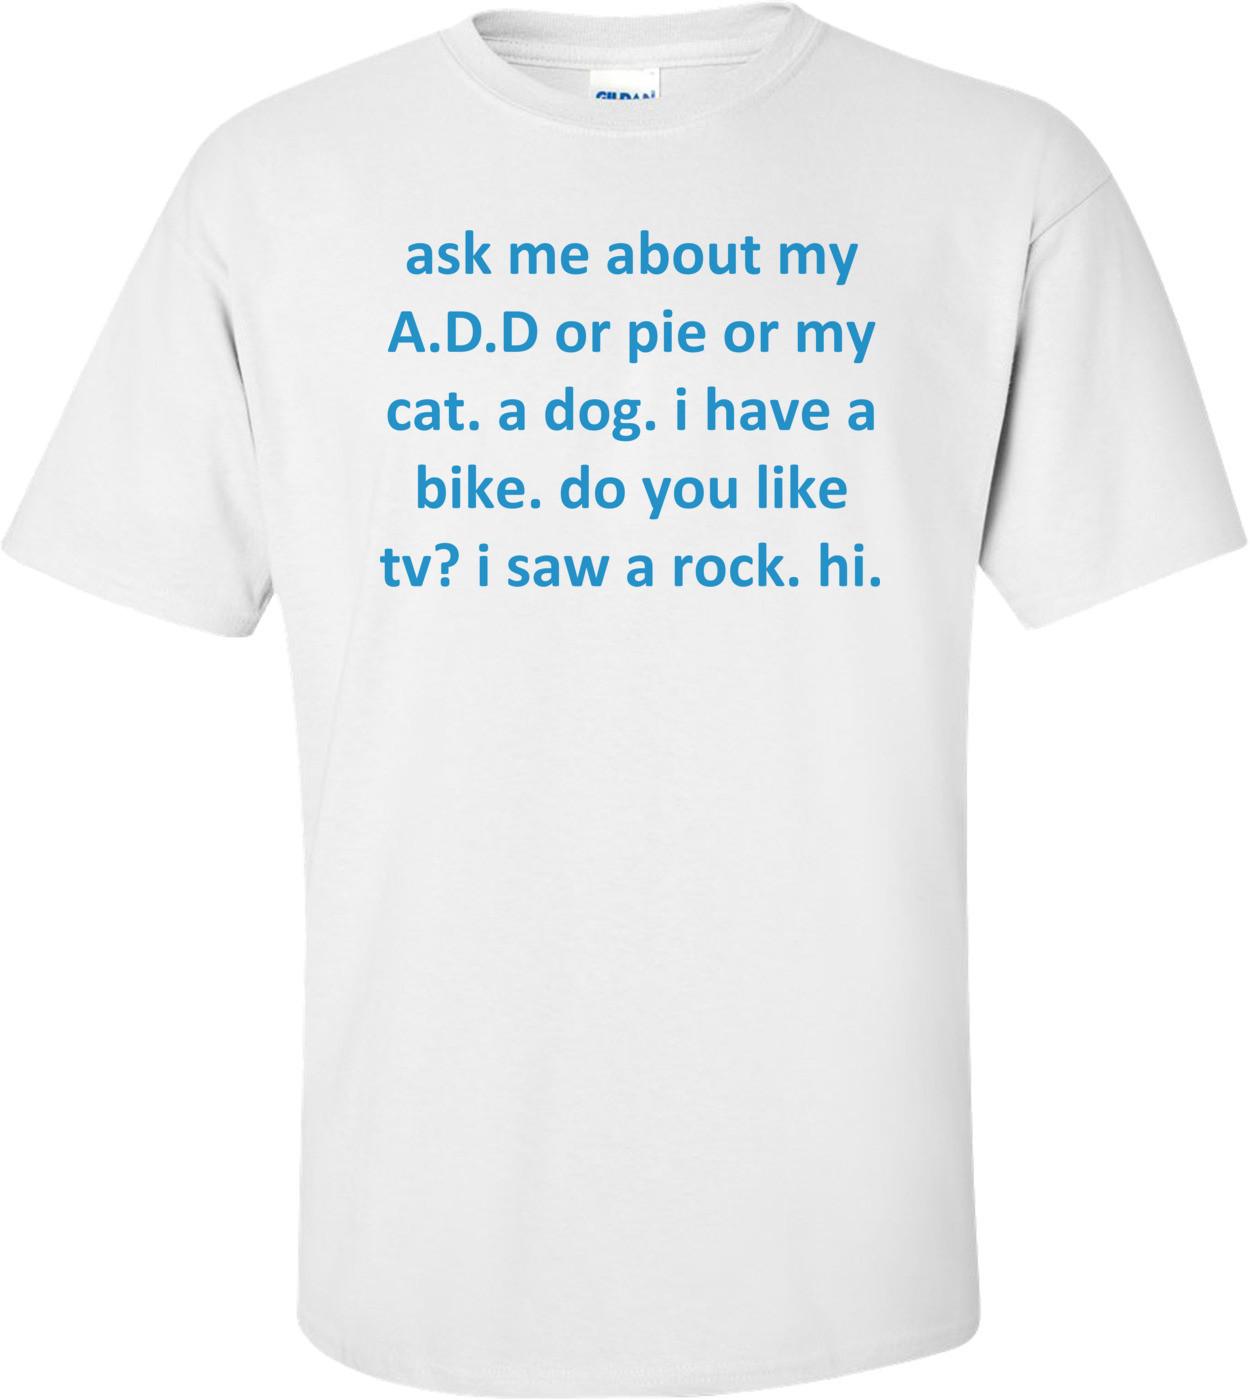 ask me about my A.D.D or pie or my cat. a dog. i have a bike. do you like tv? i saw a rock. hi. Shirt